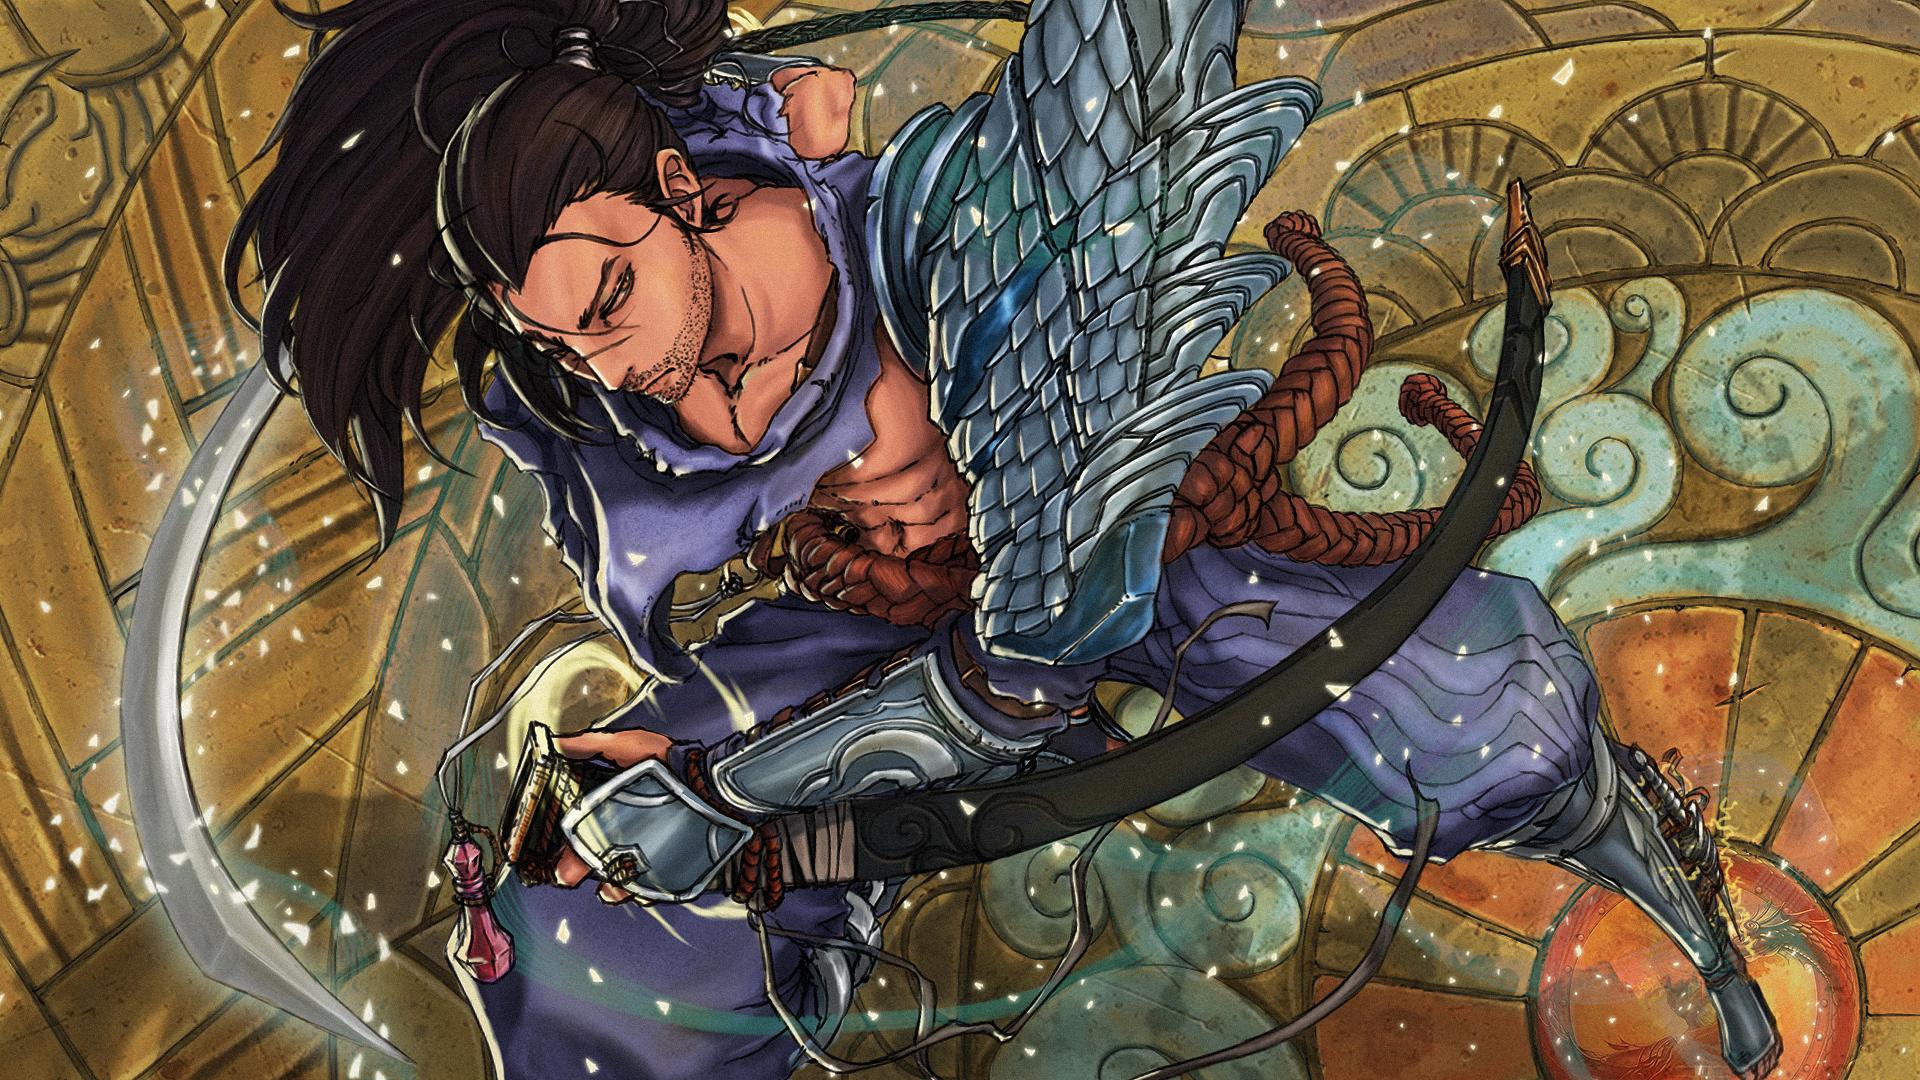 O homem da justiça, a luz do mundo impuro que corroi as veias podres do arthur. League_of_legends_yasuo_fanart_by_kumagzter-d6xns6f